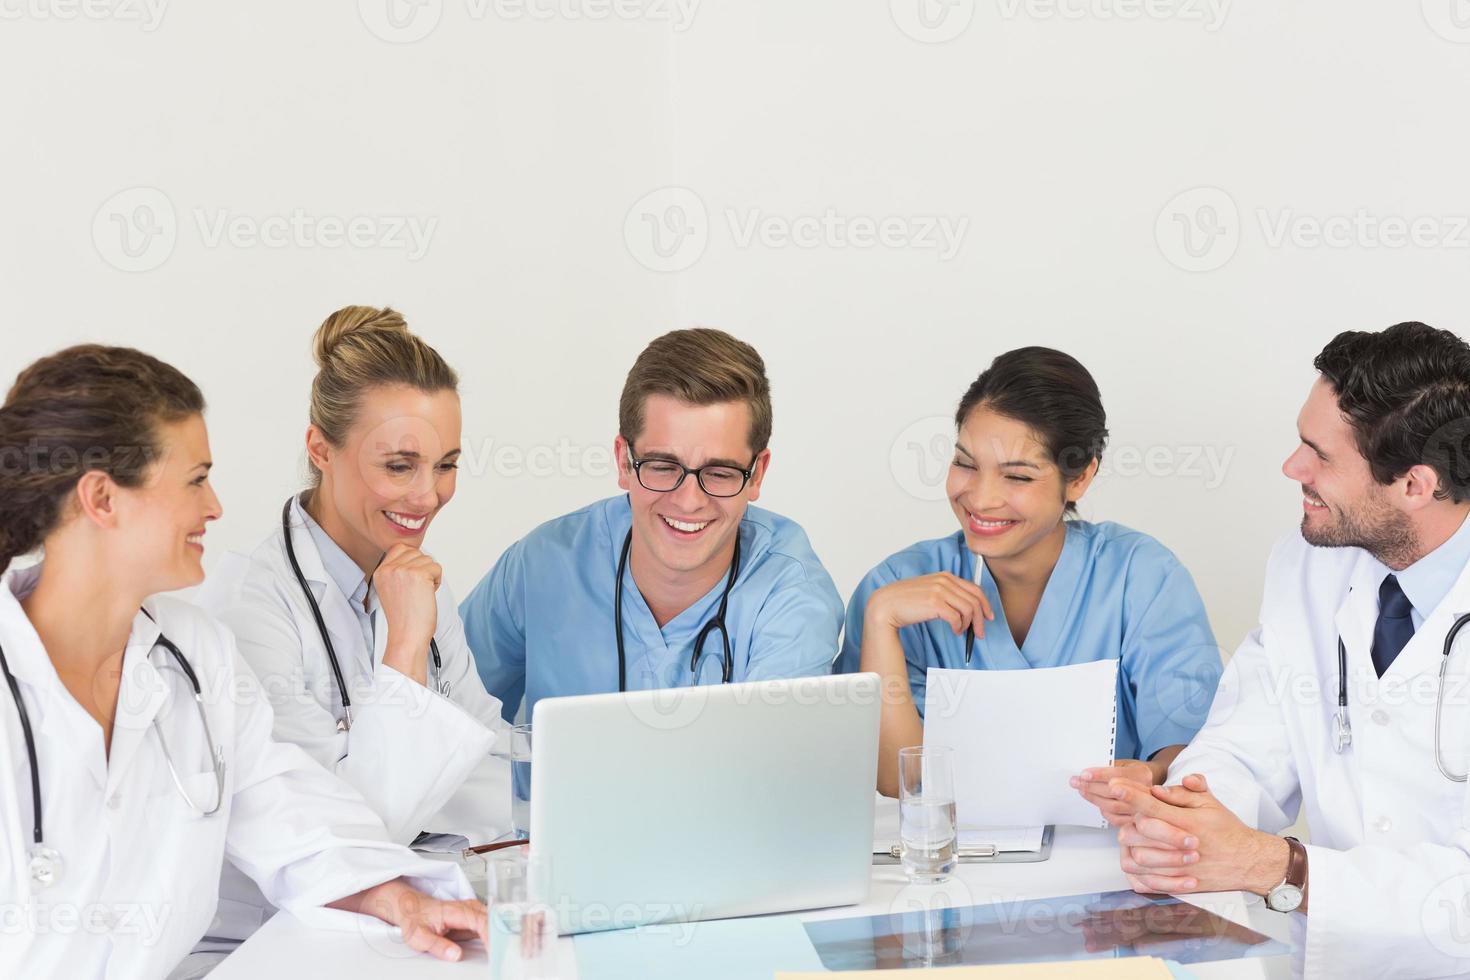 medicinskt team diskuterar över laptop foto